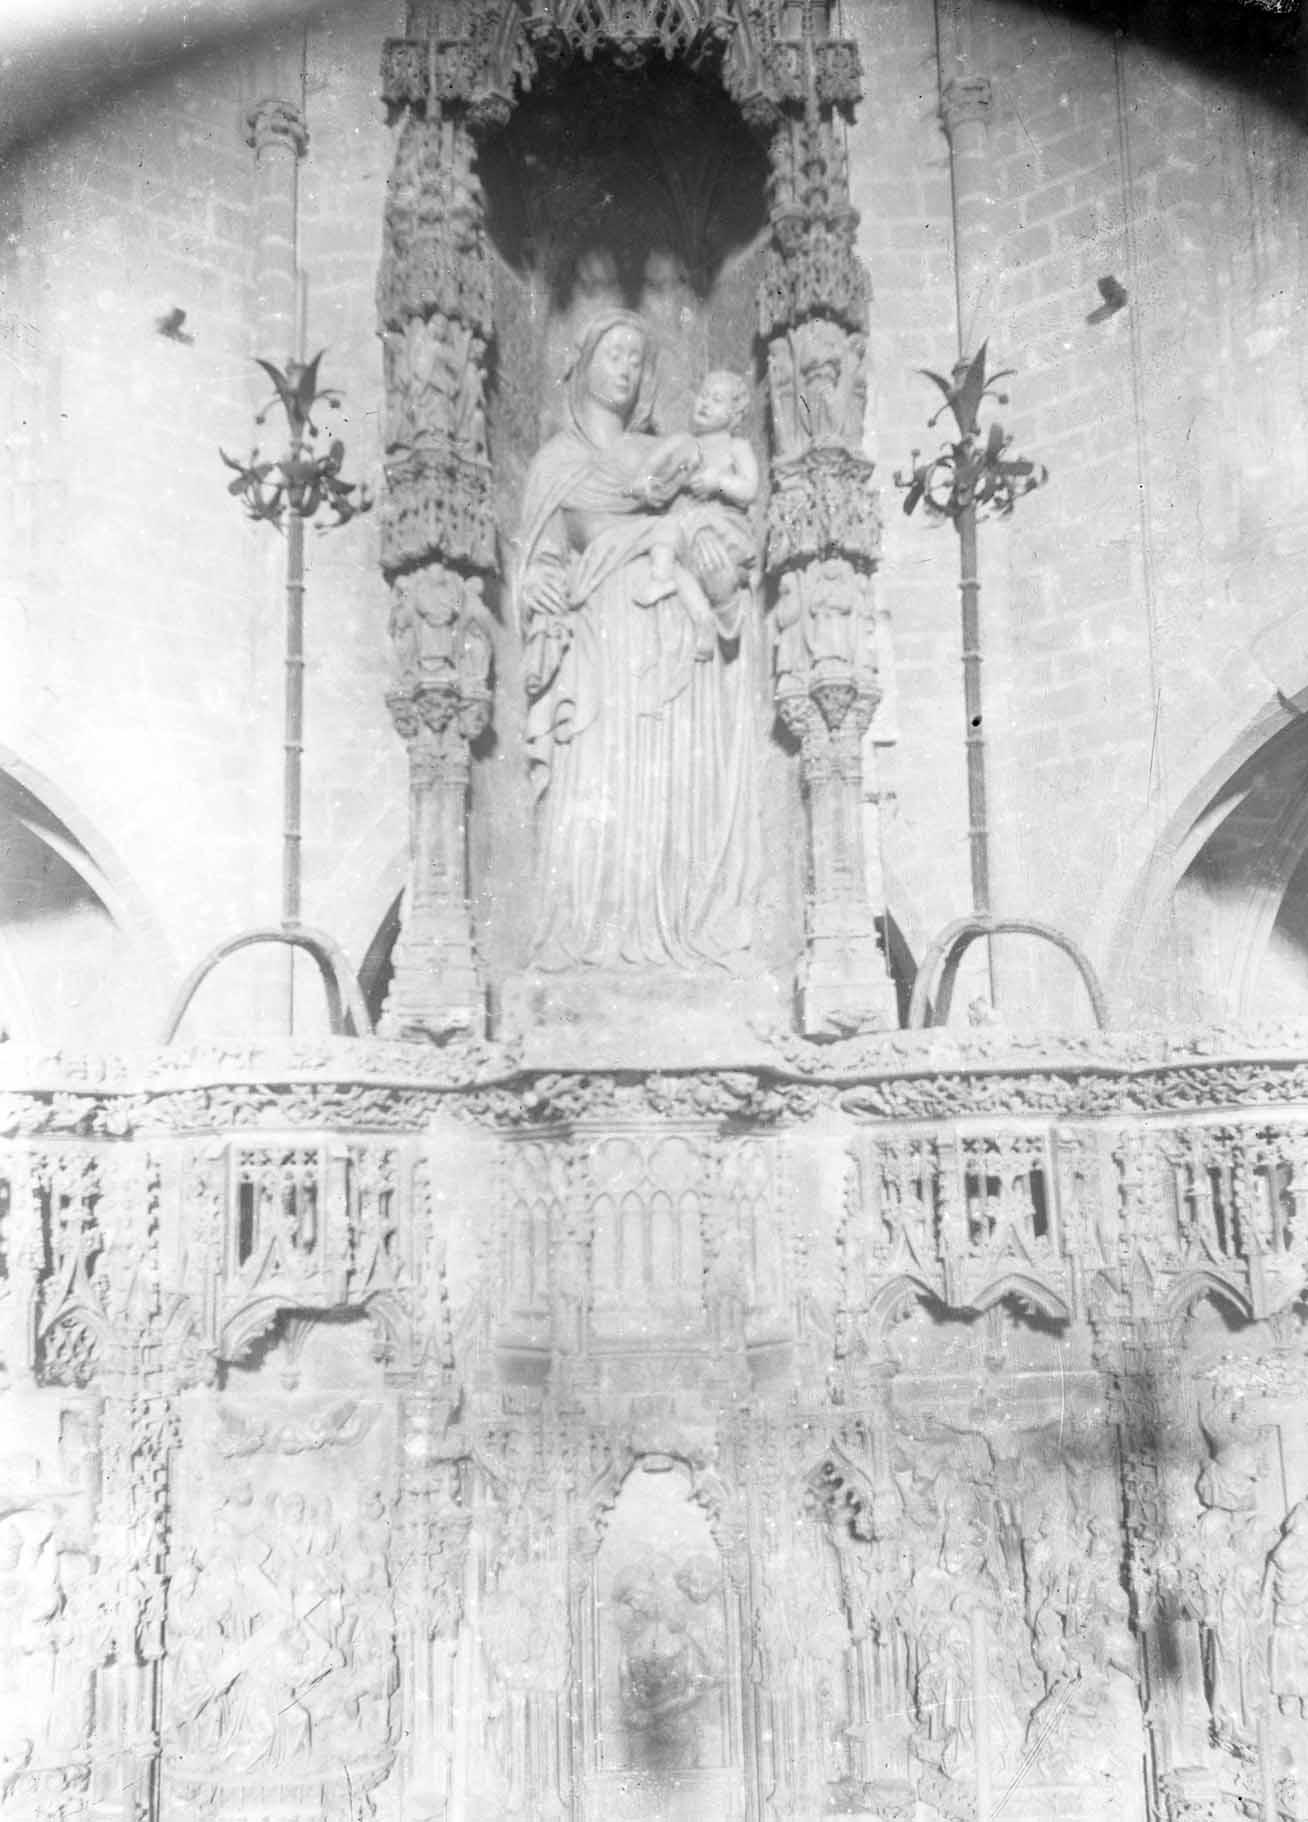 Vista de detall del retaule gòtic de l'altar major de la basílica de Santa Maria, a Castelló d'Empúries, entre els anys 1942 i 1944 (ACGAX. Fons Sadurní Brunet Pi. Autor: Sadurní Brunet)